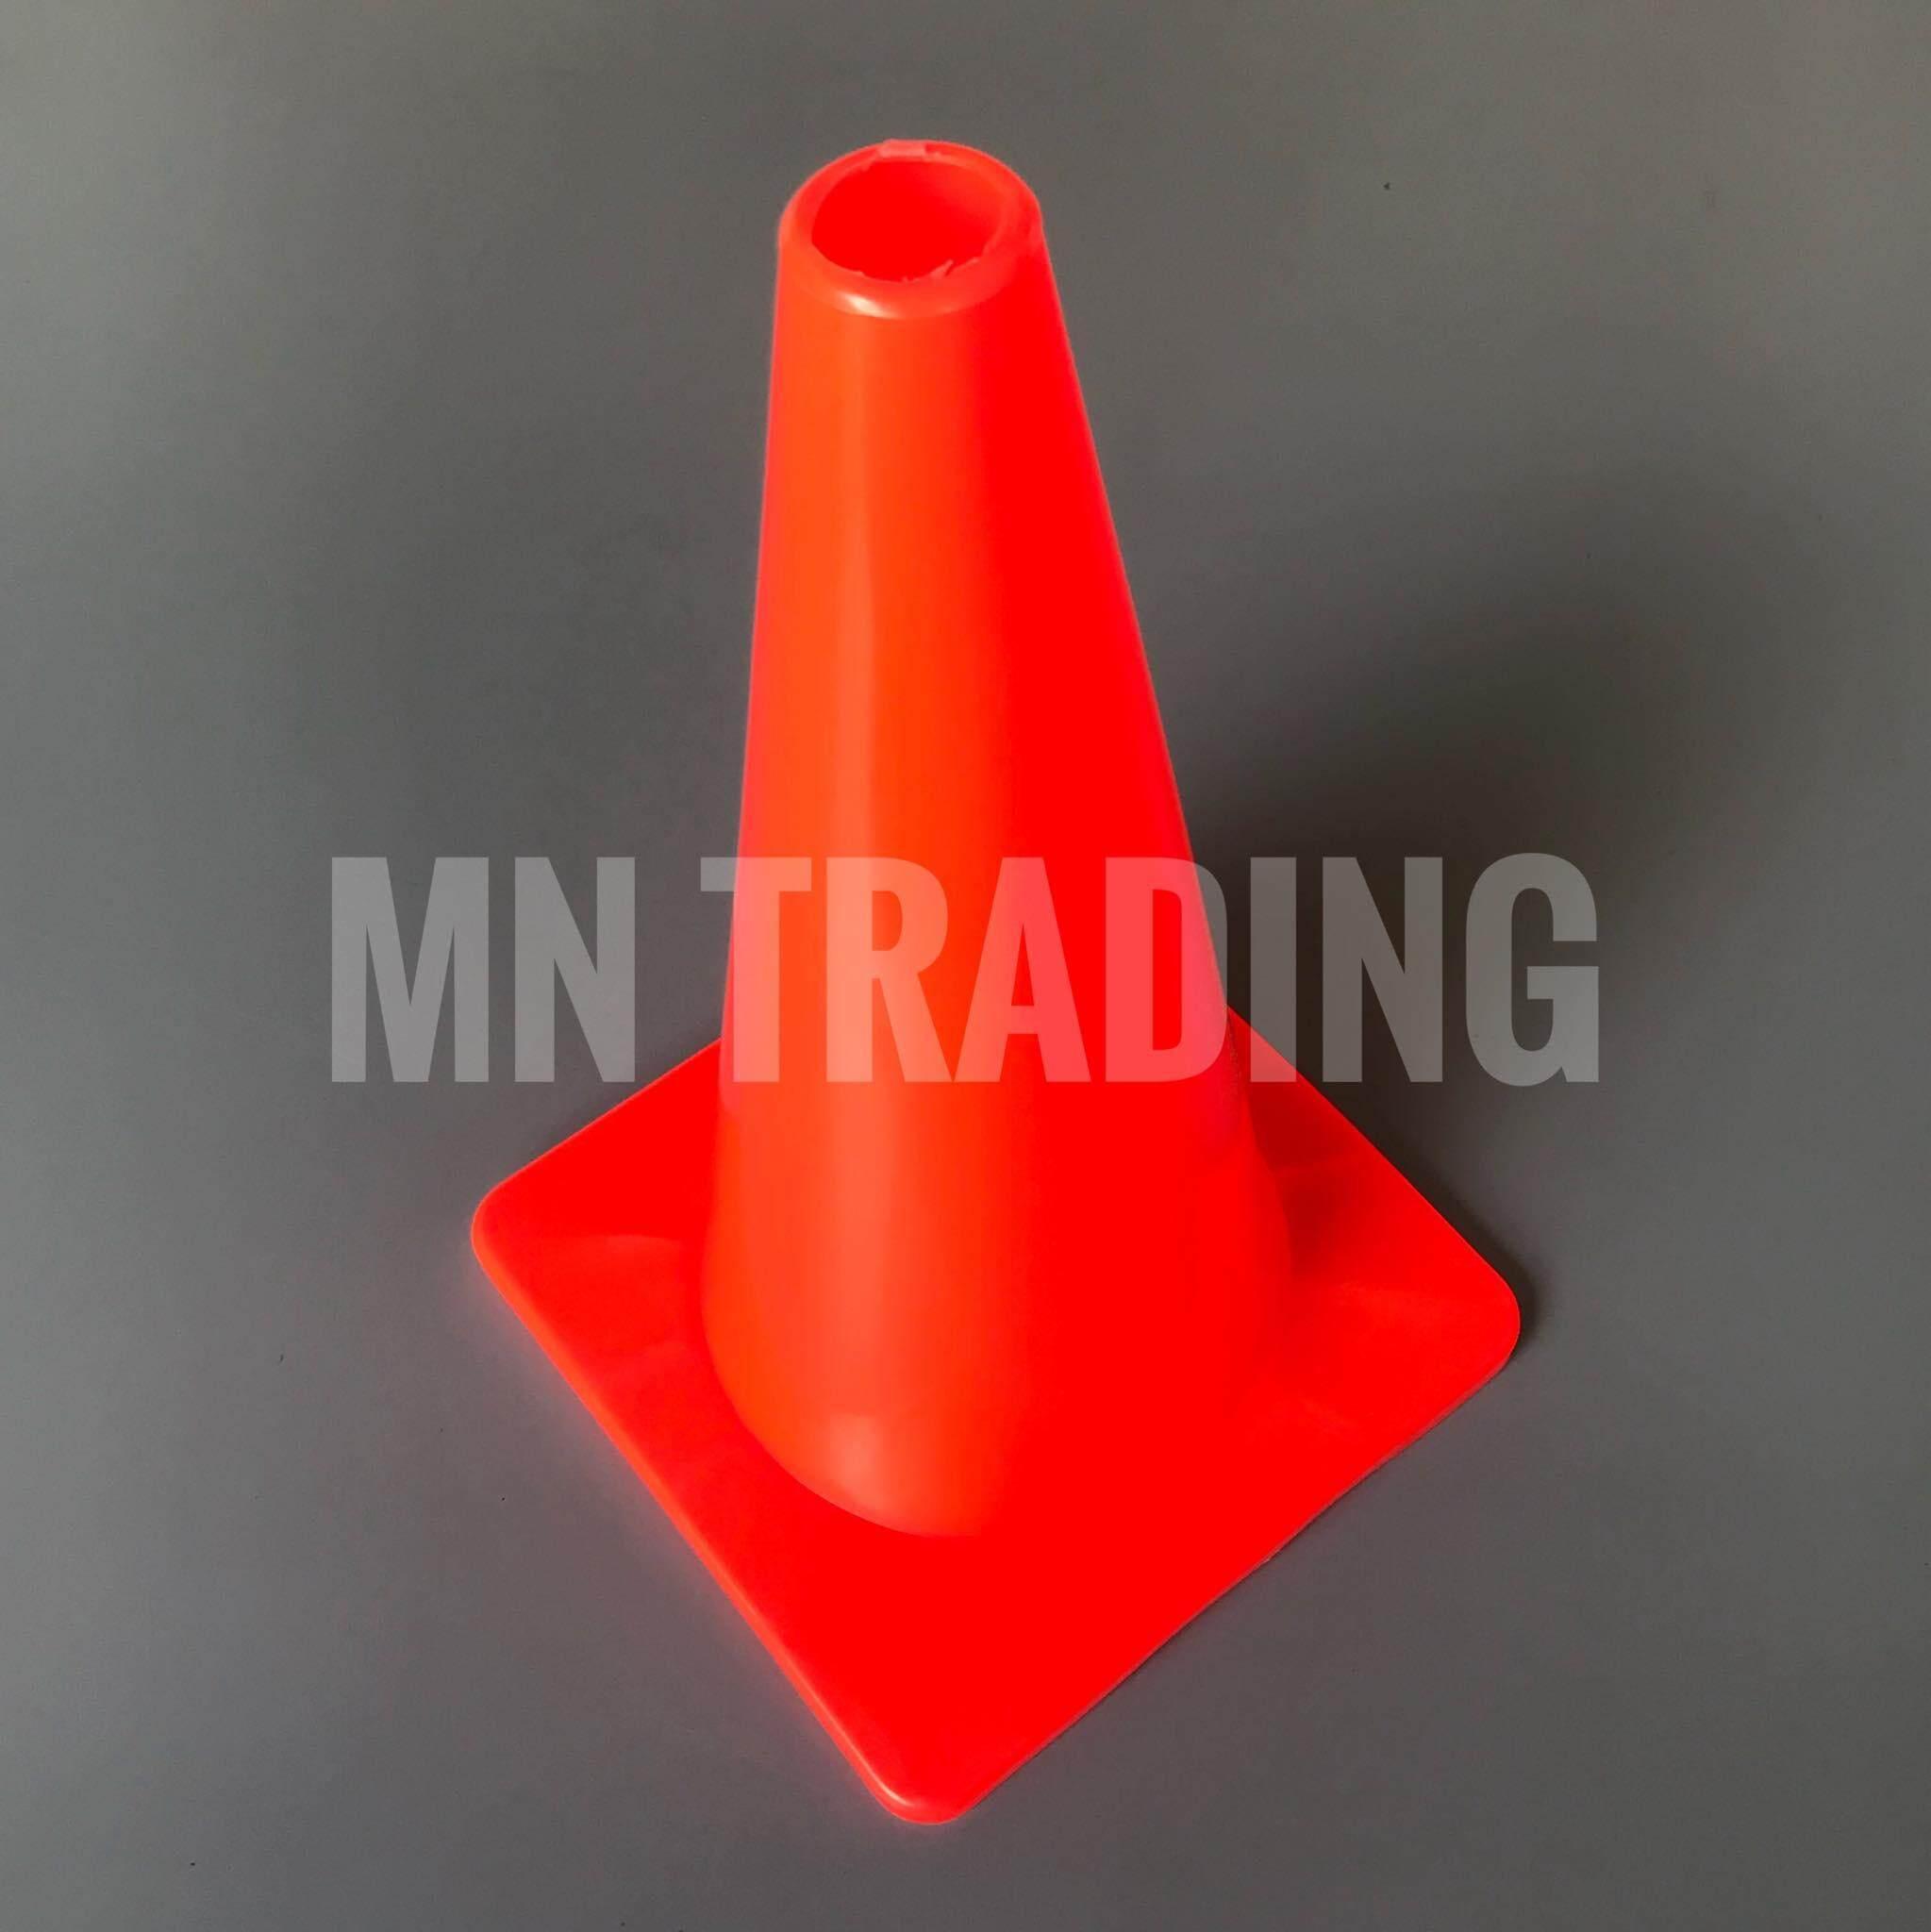 กรวย สูง 30 ซม. (12 นิ้ว) ฐาน 18.5*18.5 ซม. กรวยฝึกซ้อม กรวยซ้อมบอล กรวยกีฬา มี 5 สีให้เลือก / Agility Cone H 30 cm./ 12 inches Base 18.5*18.5 cm. (5 color)